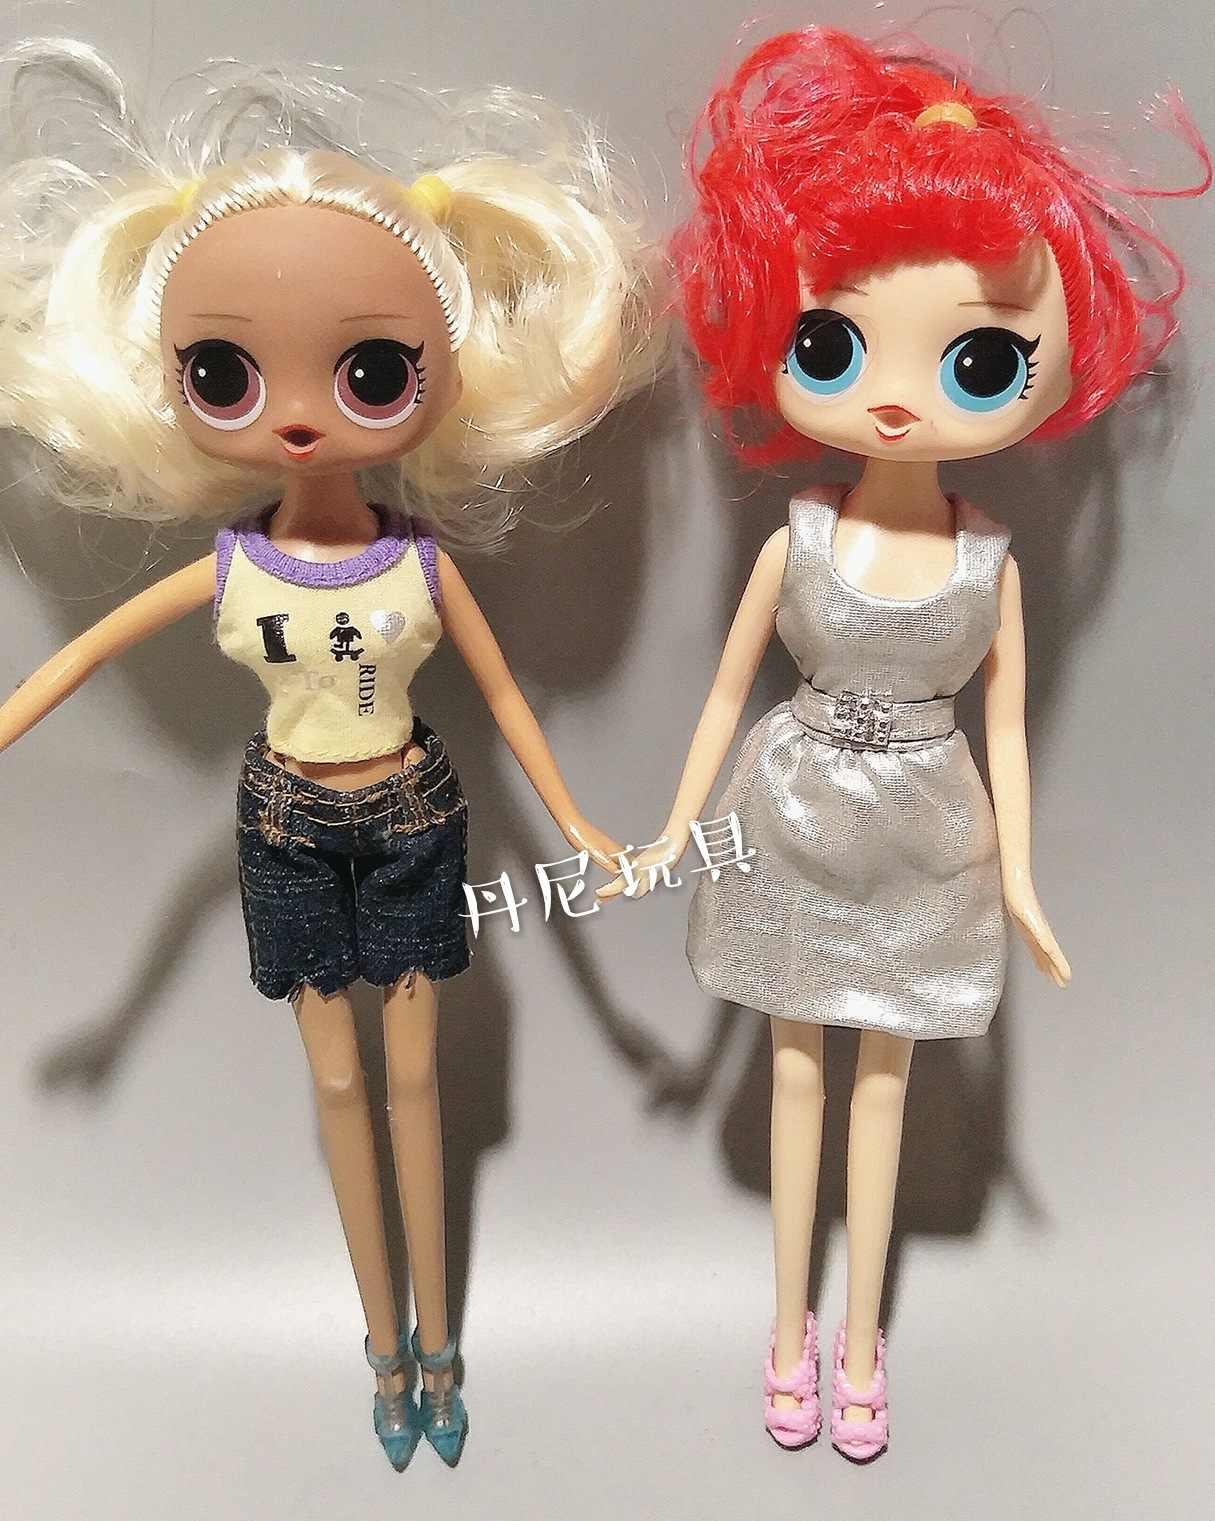 Sorpresa Bambola Lol Sostituibile Bambola DELLA RAGAZZA della Bambola del Giocattolo della Casa del Gioco Sostituibile Giunti Bambola Spostare Bambola